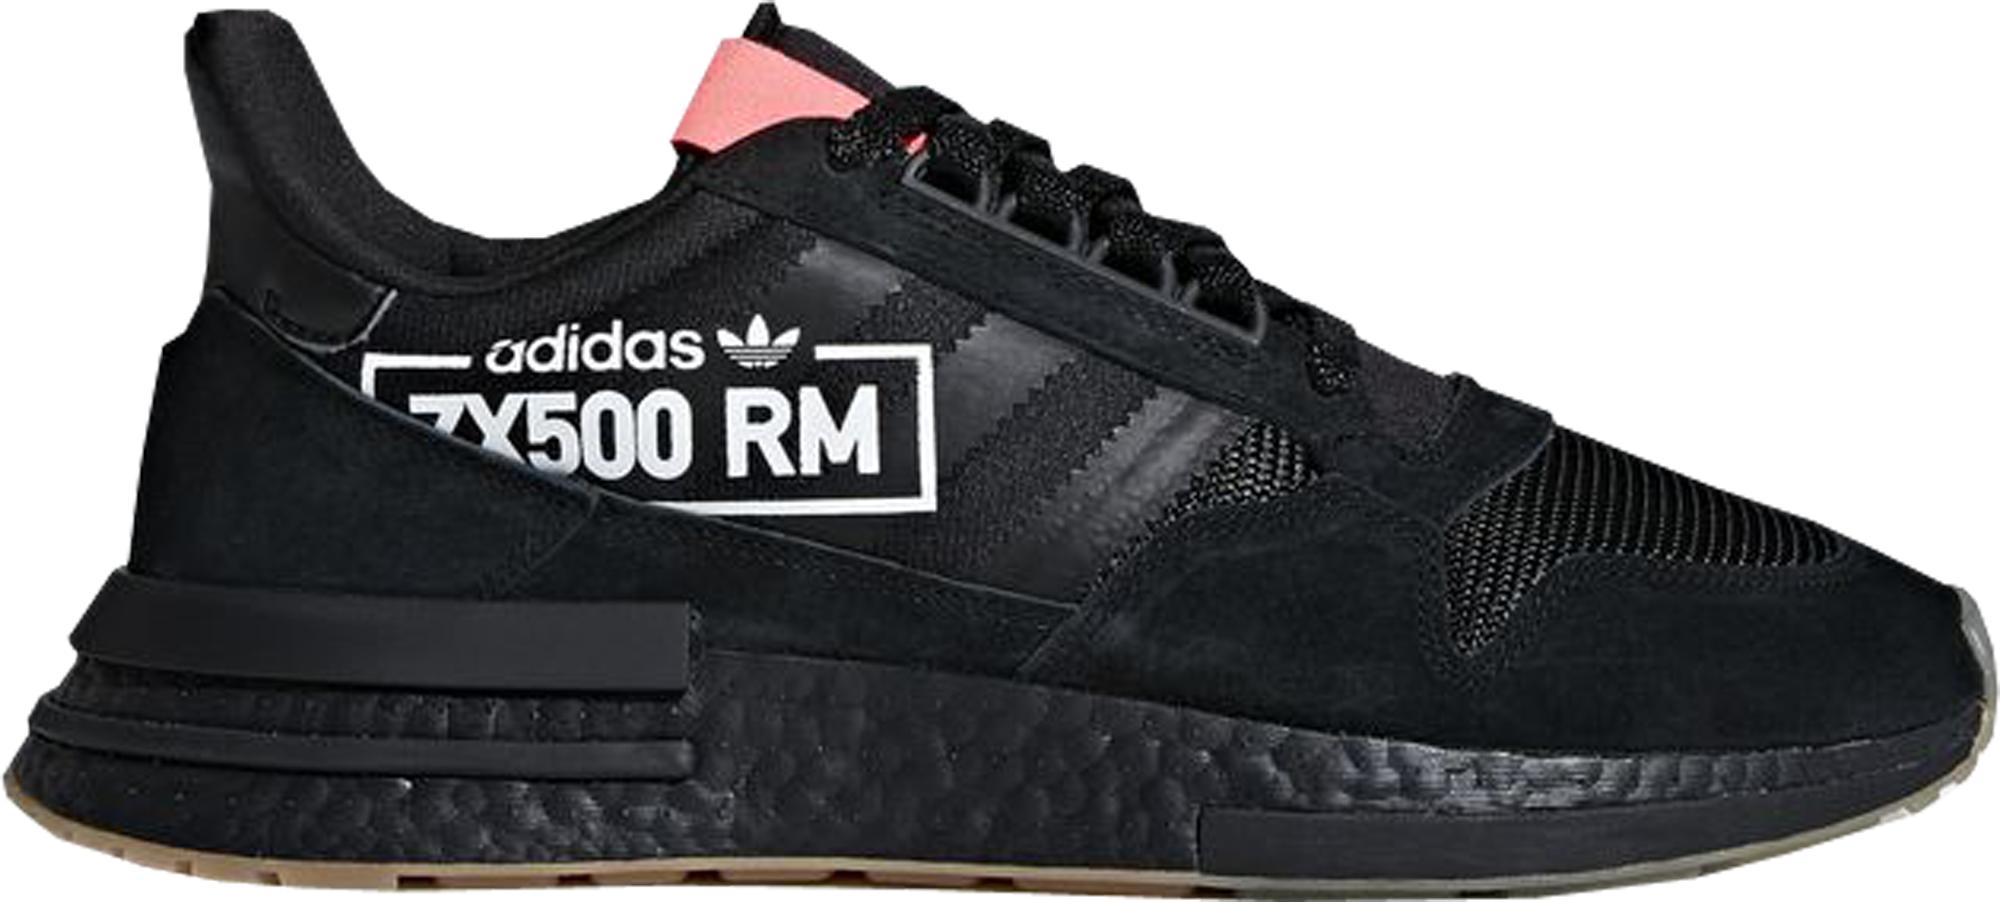 adidas ZX500 RM Alphatype